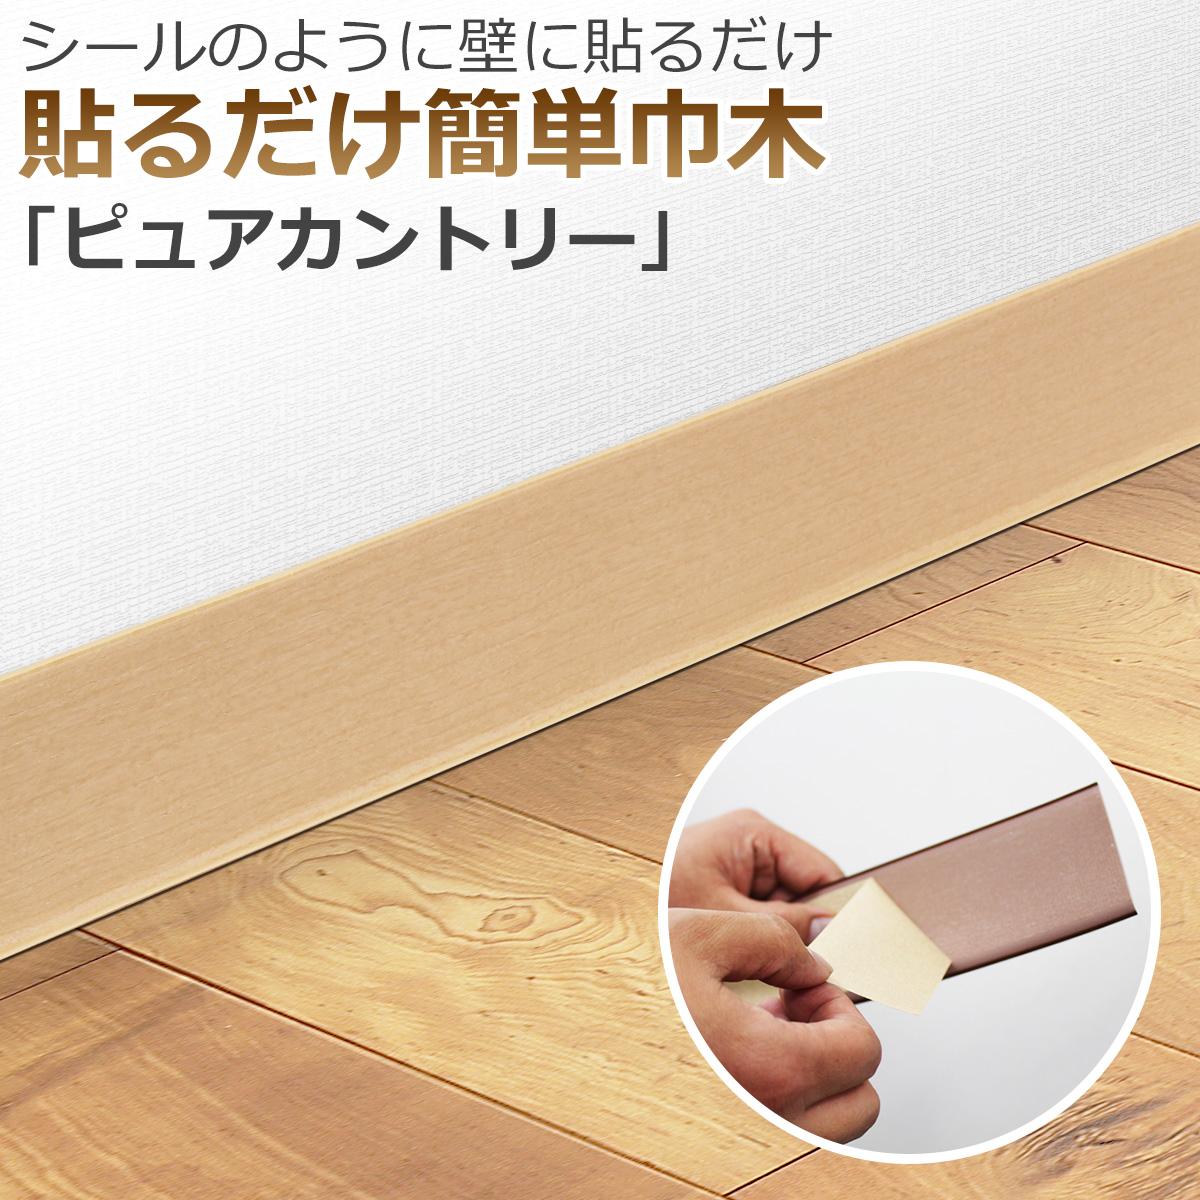 シールのように壁に貼るだけ 貼るだけ簡単巾木「ピュアカントリー」